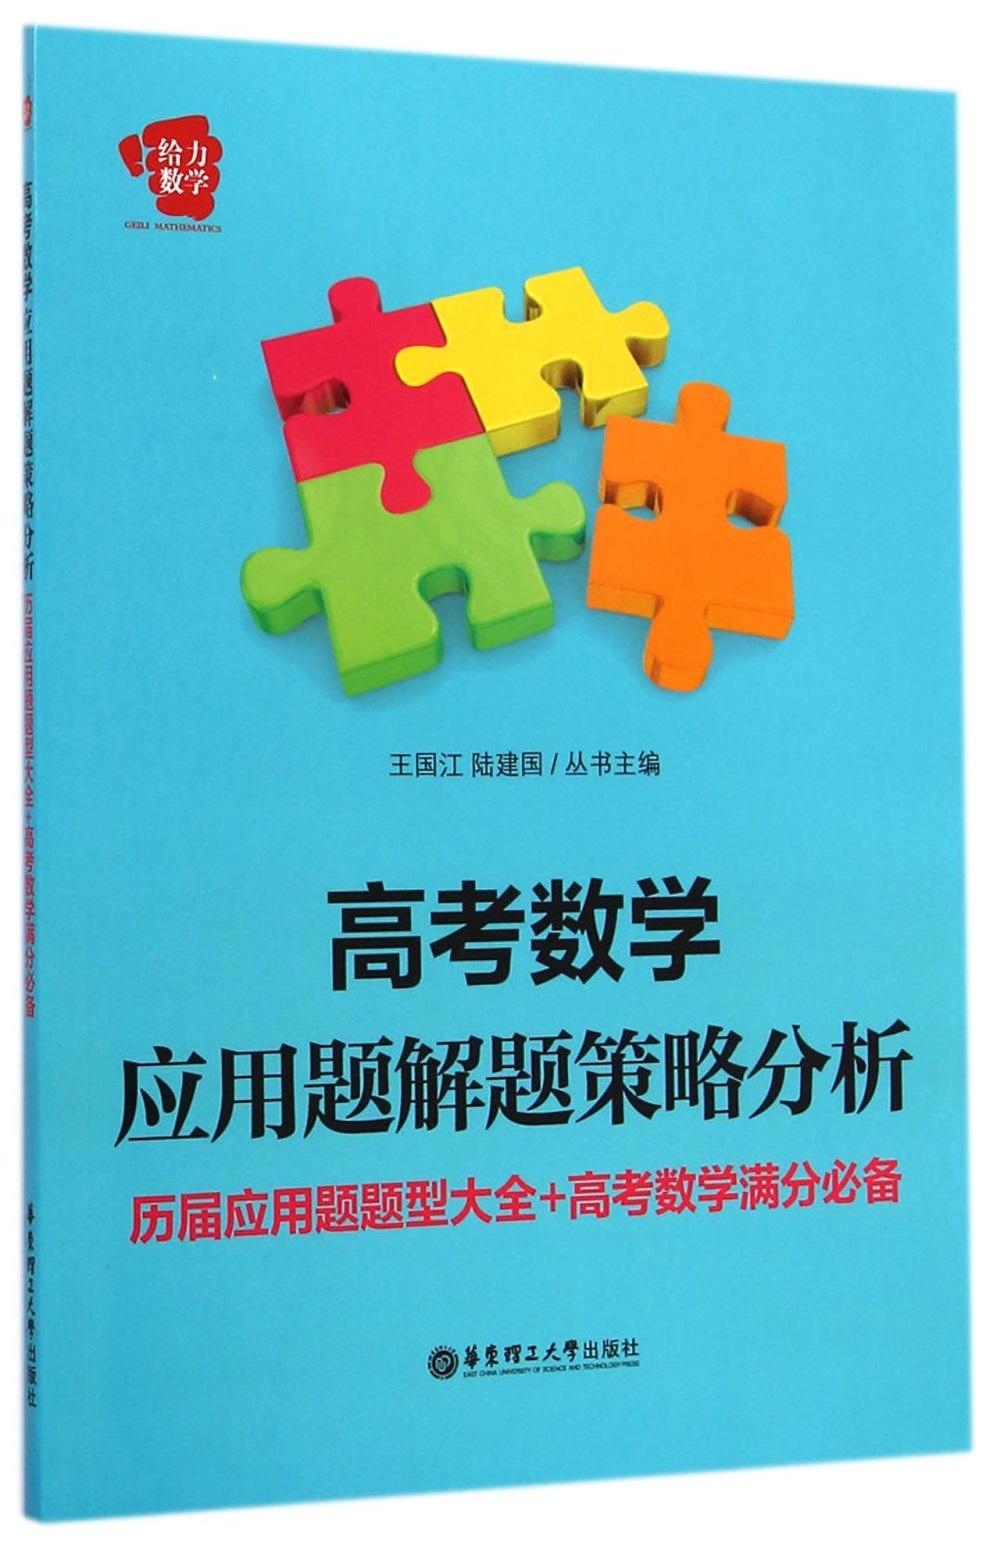 高考數學應用題解題策略分析:歷屆應用題題型大全 高考數學滿分